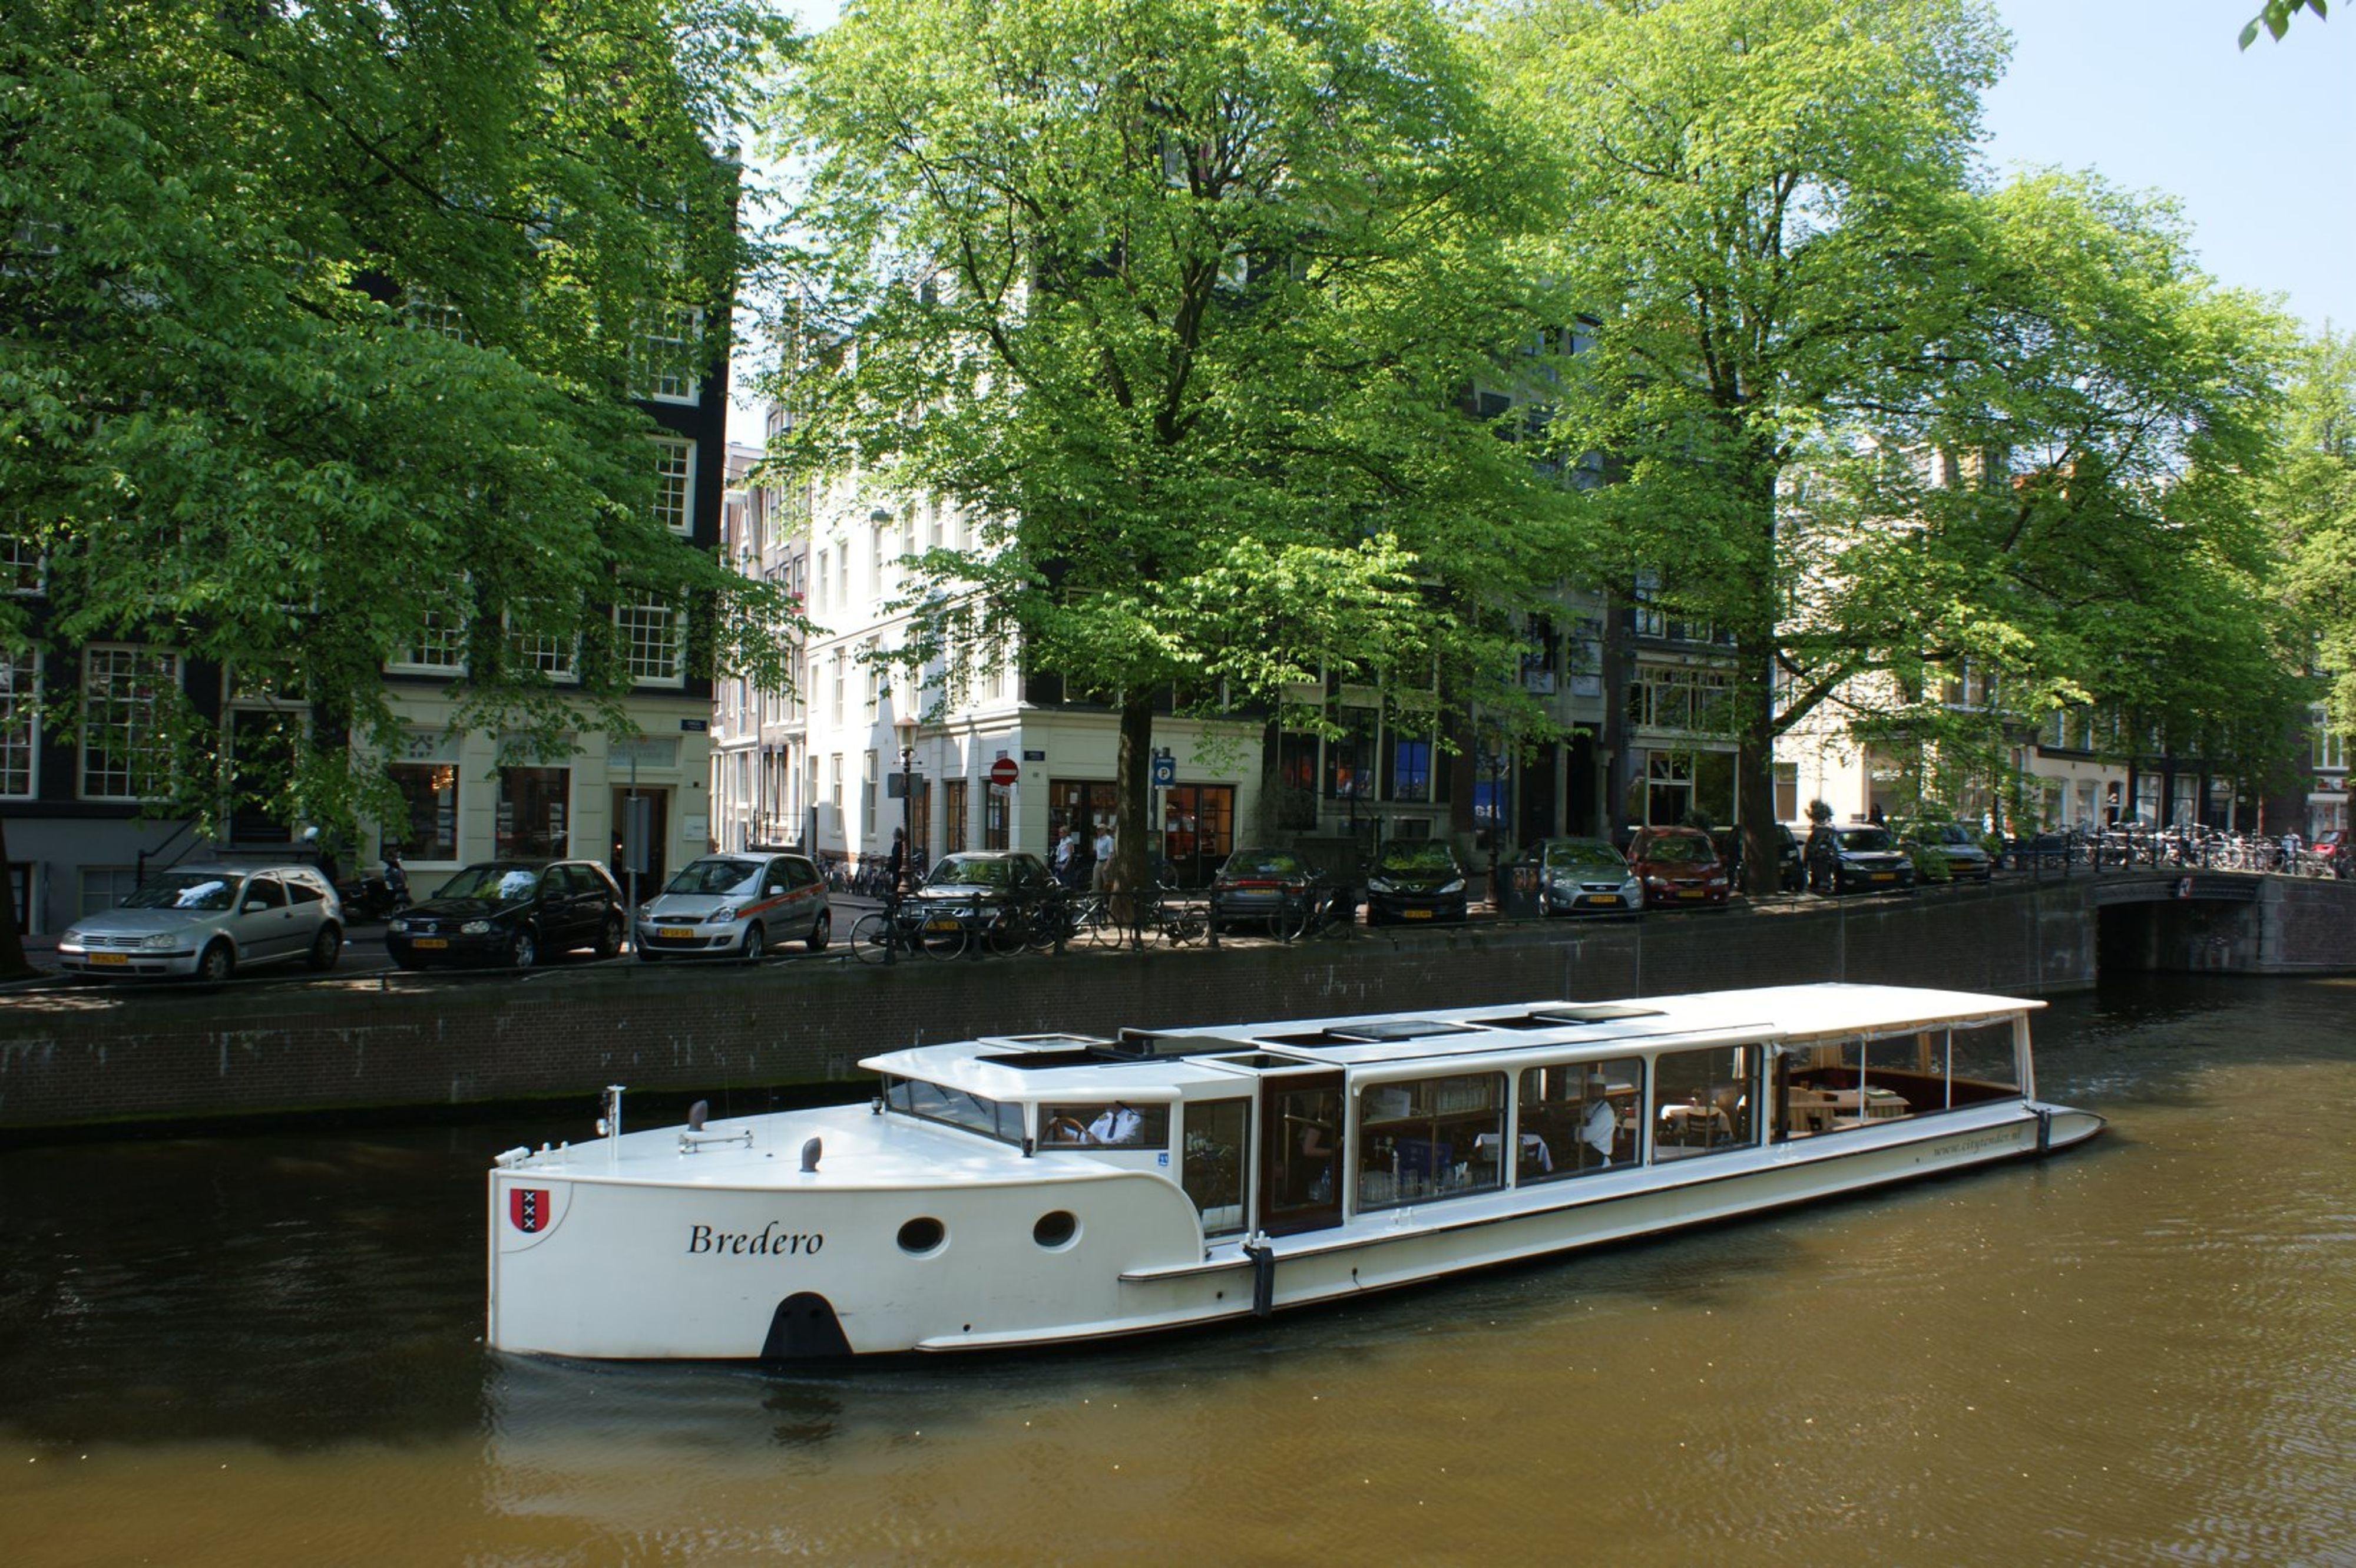 Trouwen op een rondvaartboot in Amsterdam